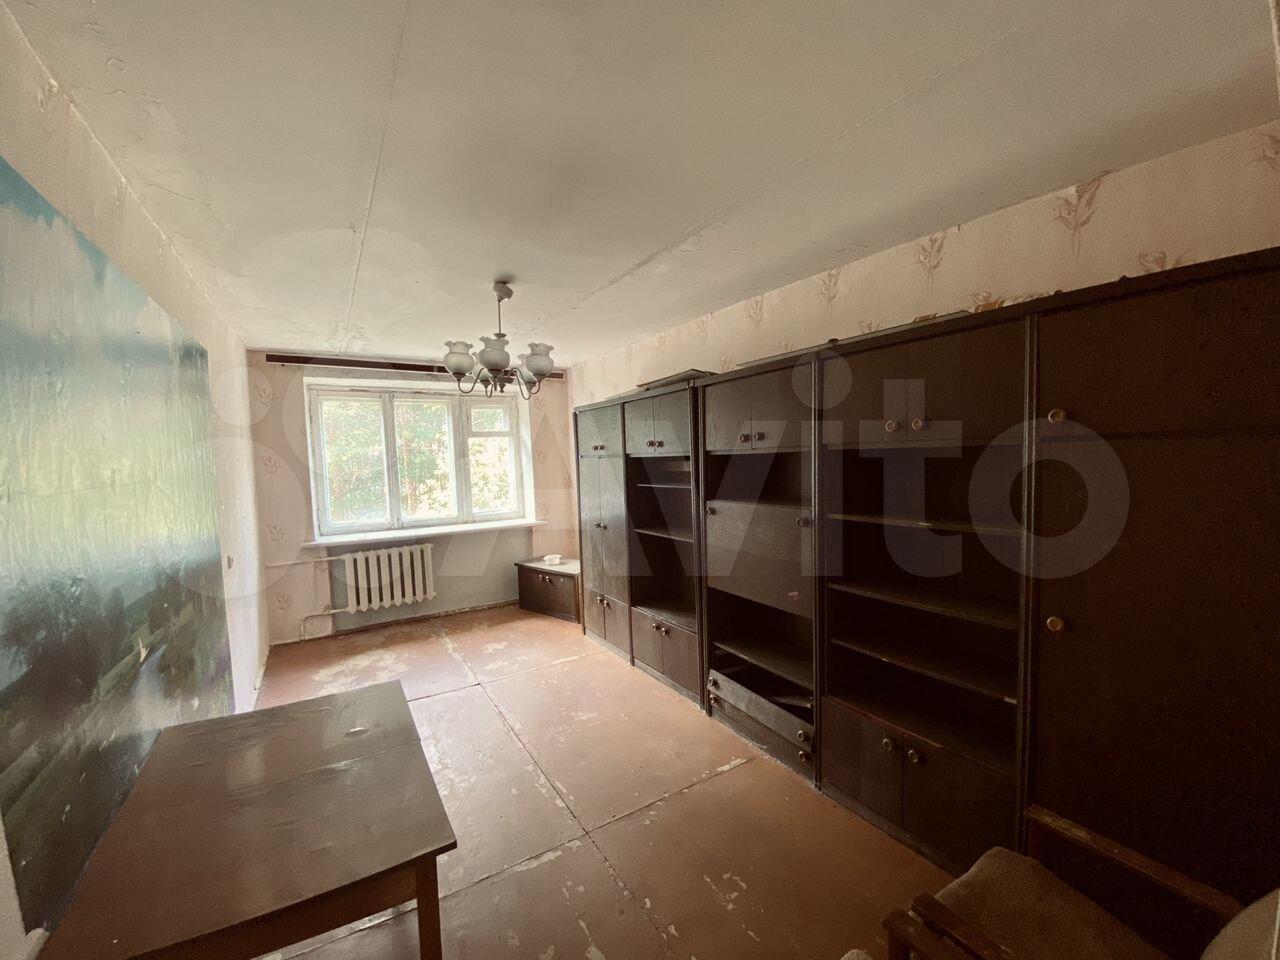 2-к квартира, 45.4 м², 5/5 эт.  89056357951 купить 1